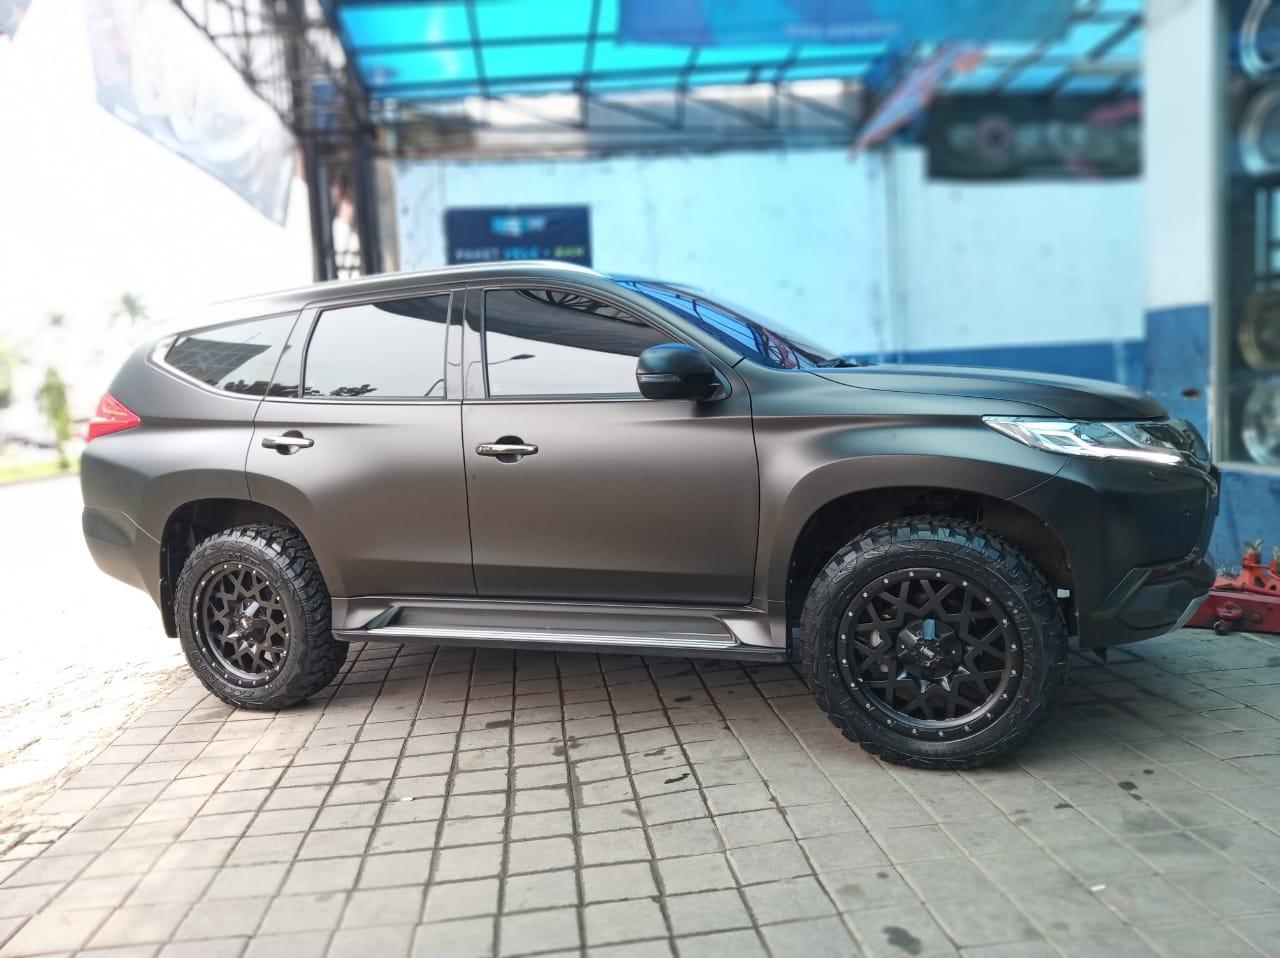 Modifikasi Offroad Pajero Ring 20 Jakarta Project Wheel